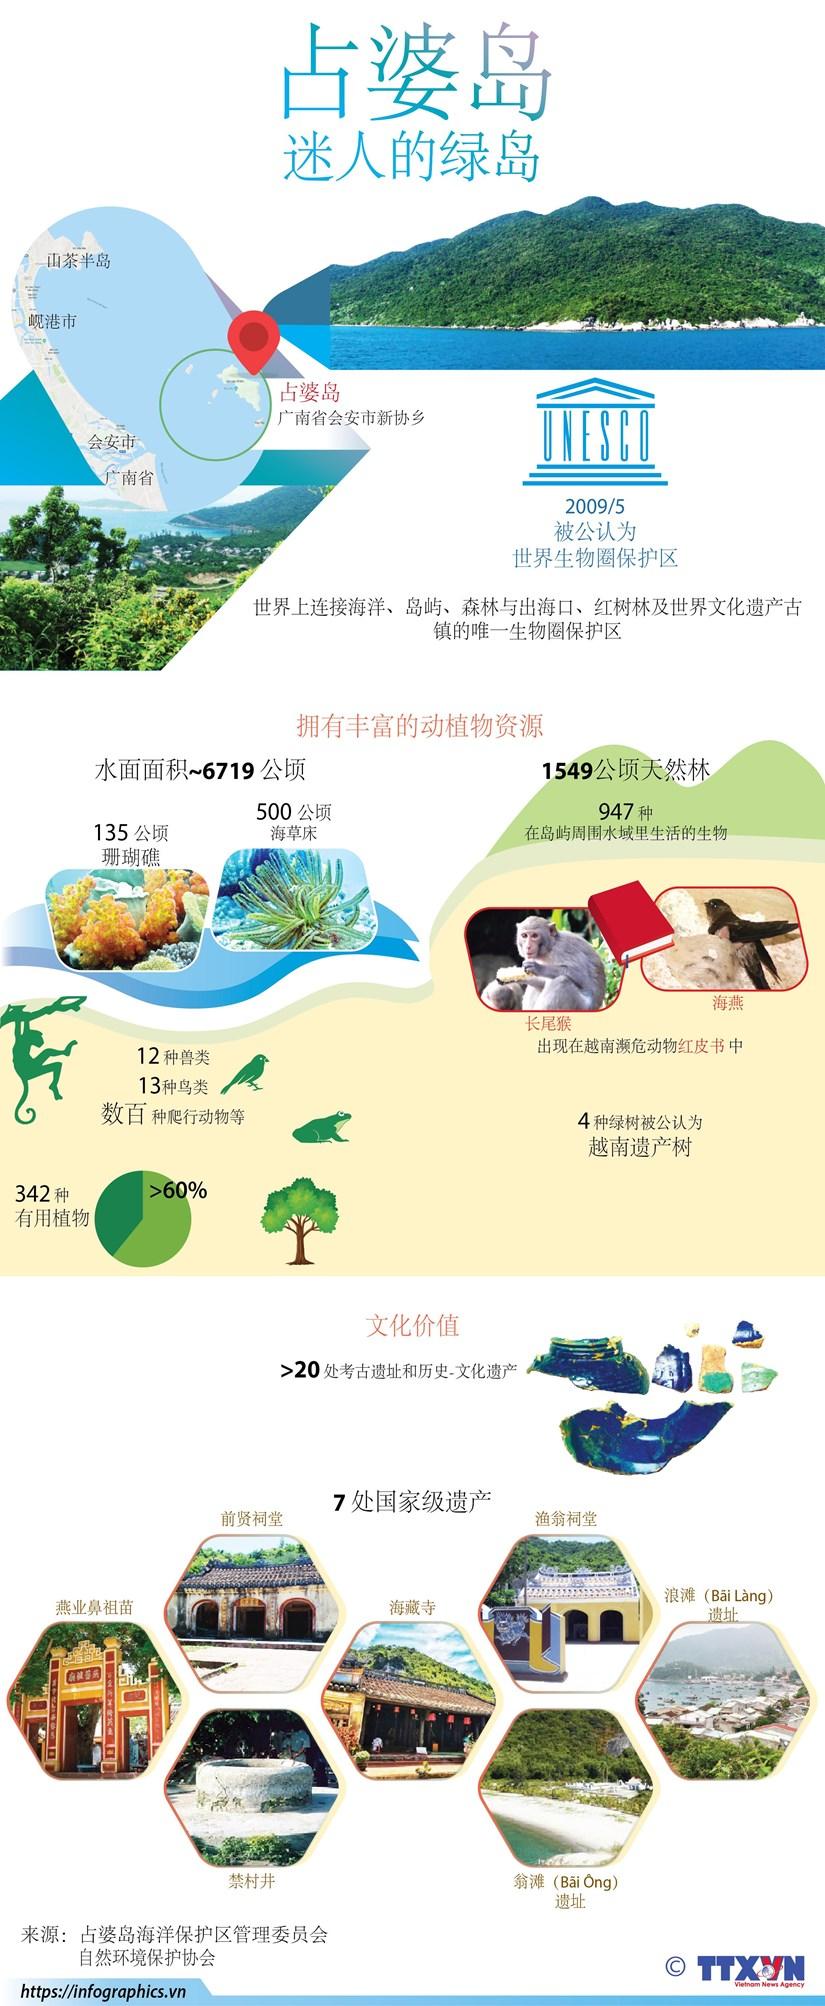 图表新闻:占婆岛——迷人的绿岛 hinh anh 1